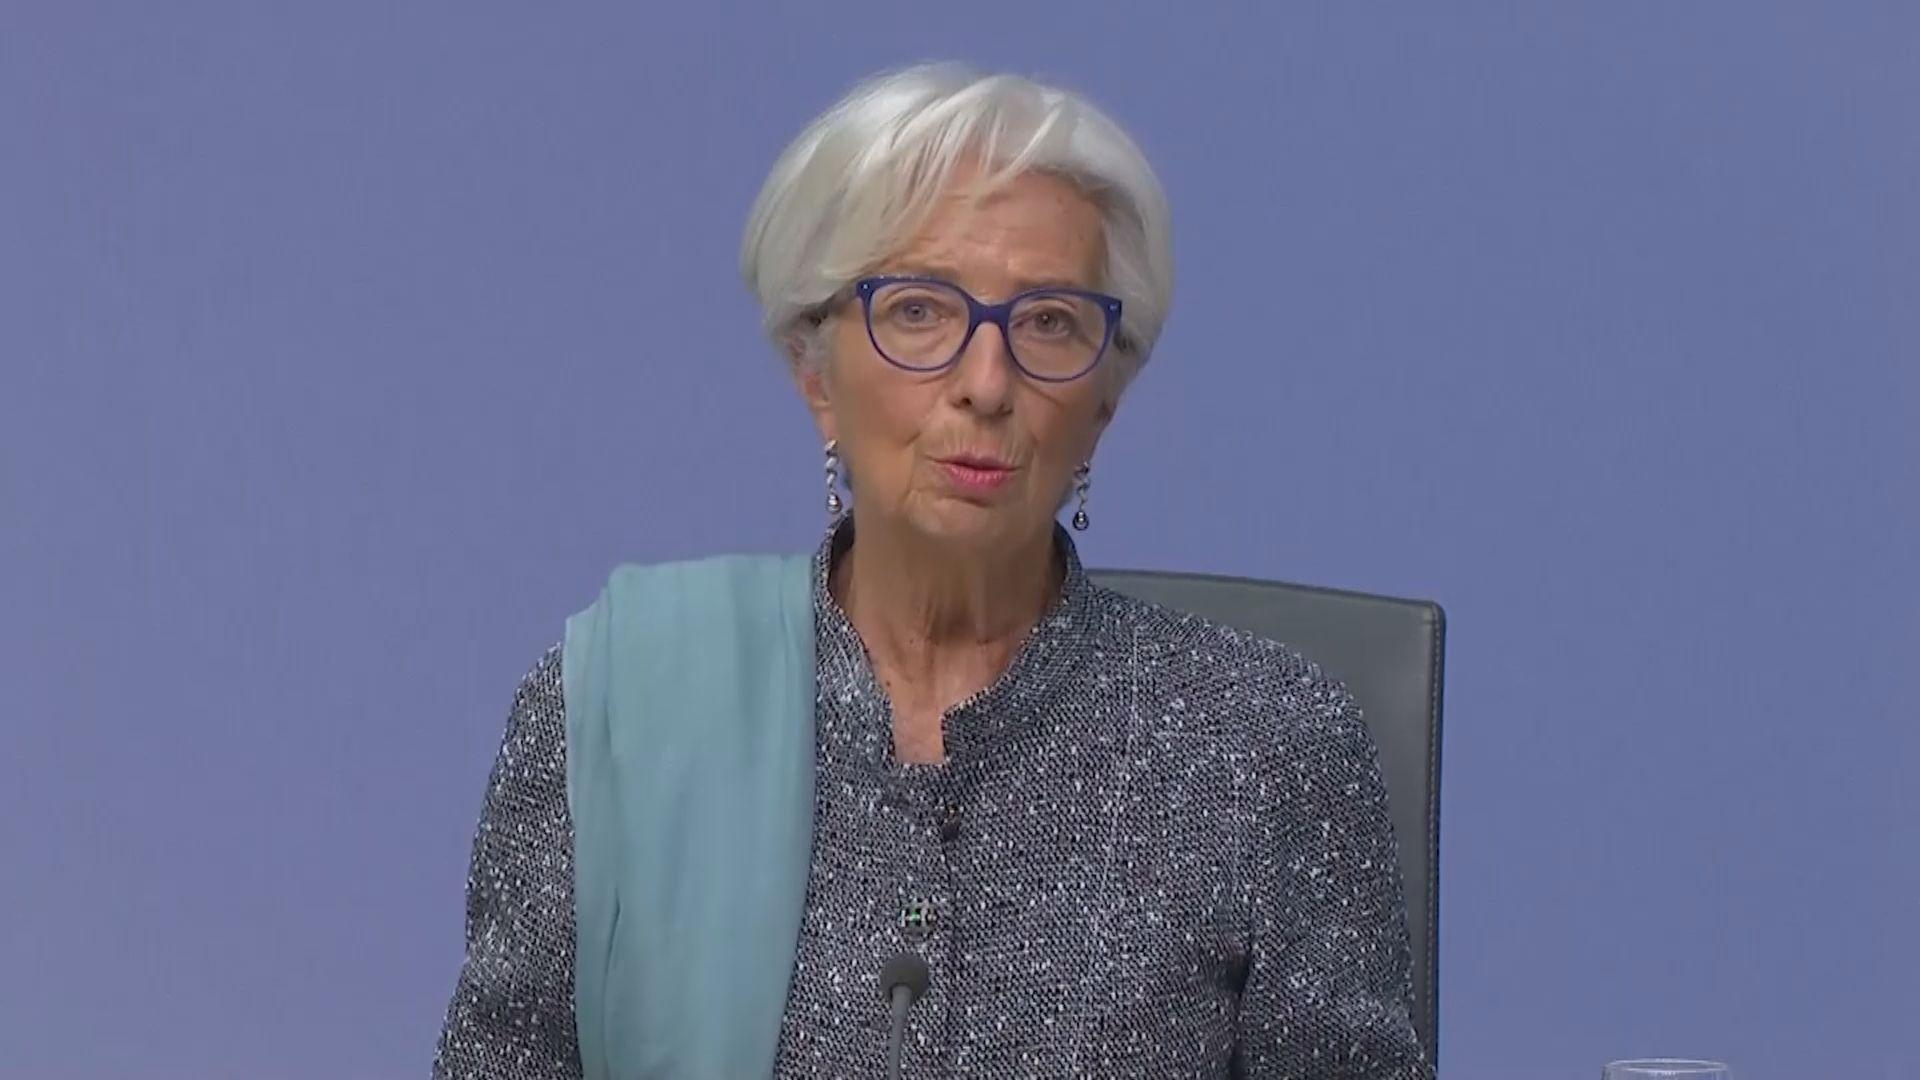 拉加德:歐洲疫情再度加重對經濟復甦構成風險